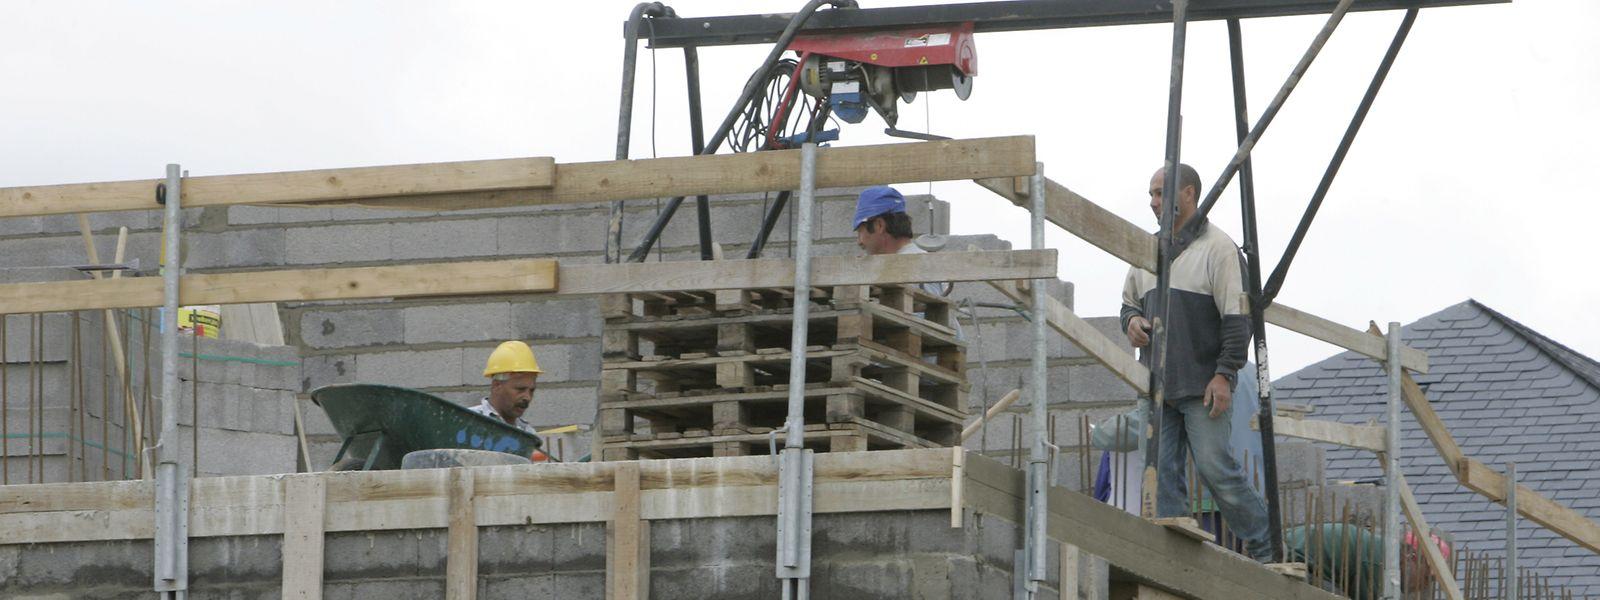 Pacte logement 2.0 und Baulandvertrag haben zum Ziel, den Bau von erschwinglichem Wohnraum zu fördern.